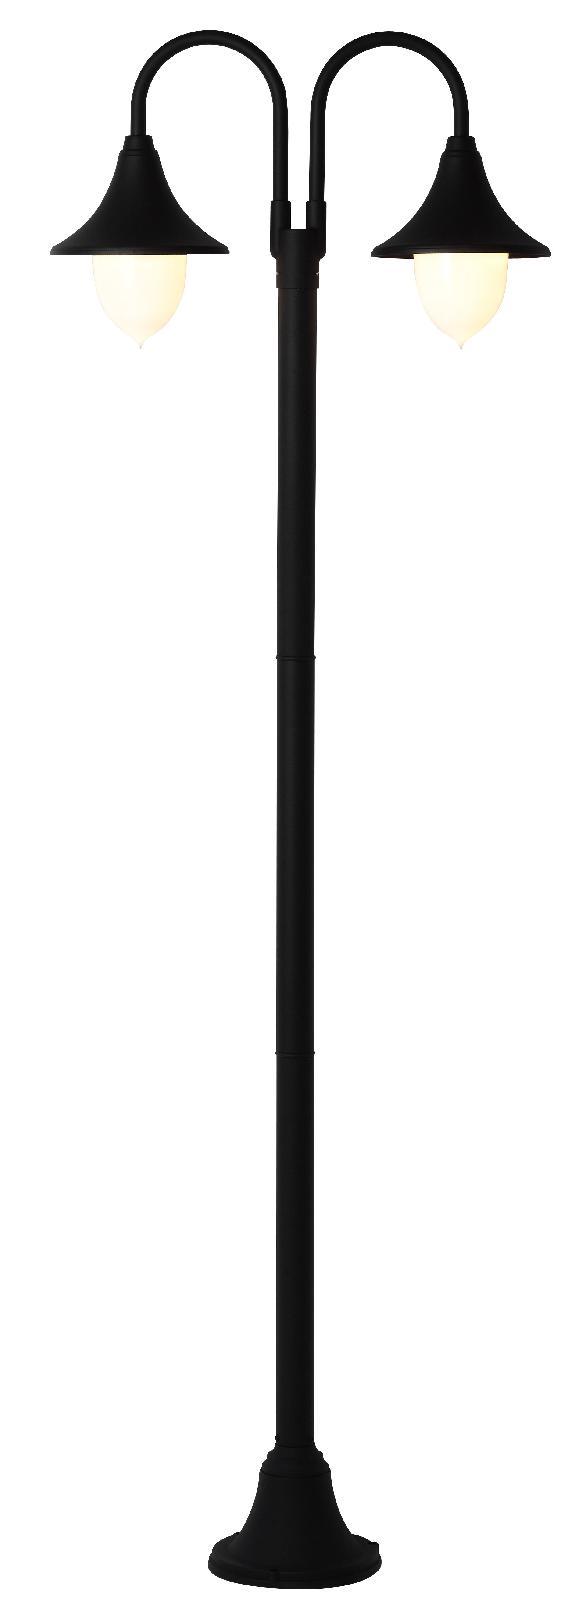 Arredo Giardino Lampione Da Esterno In Alluminio Cm 210 Serie Parigi Colore Nero